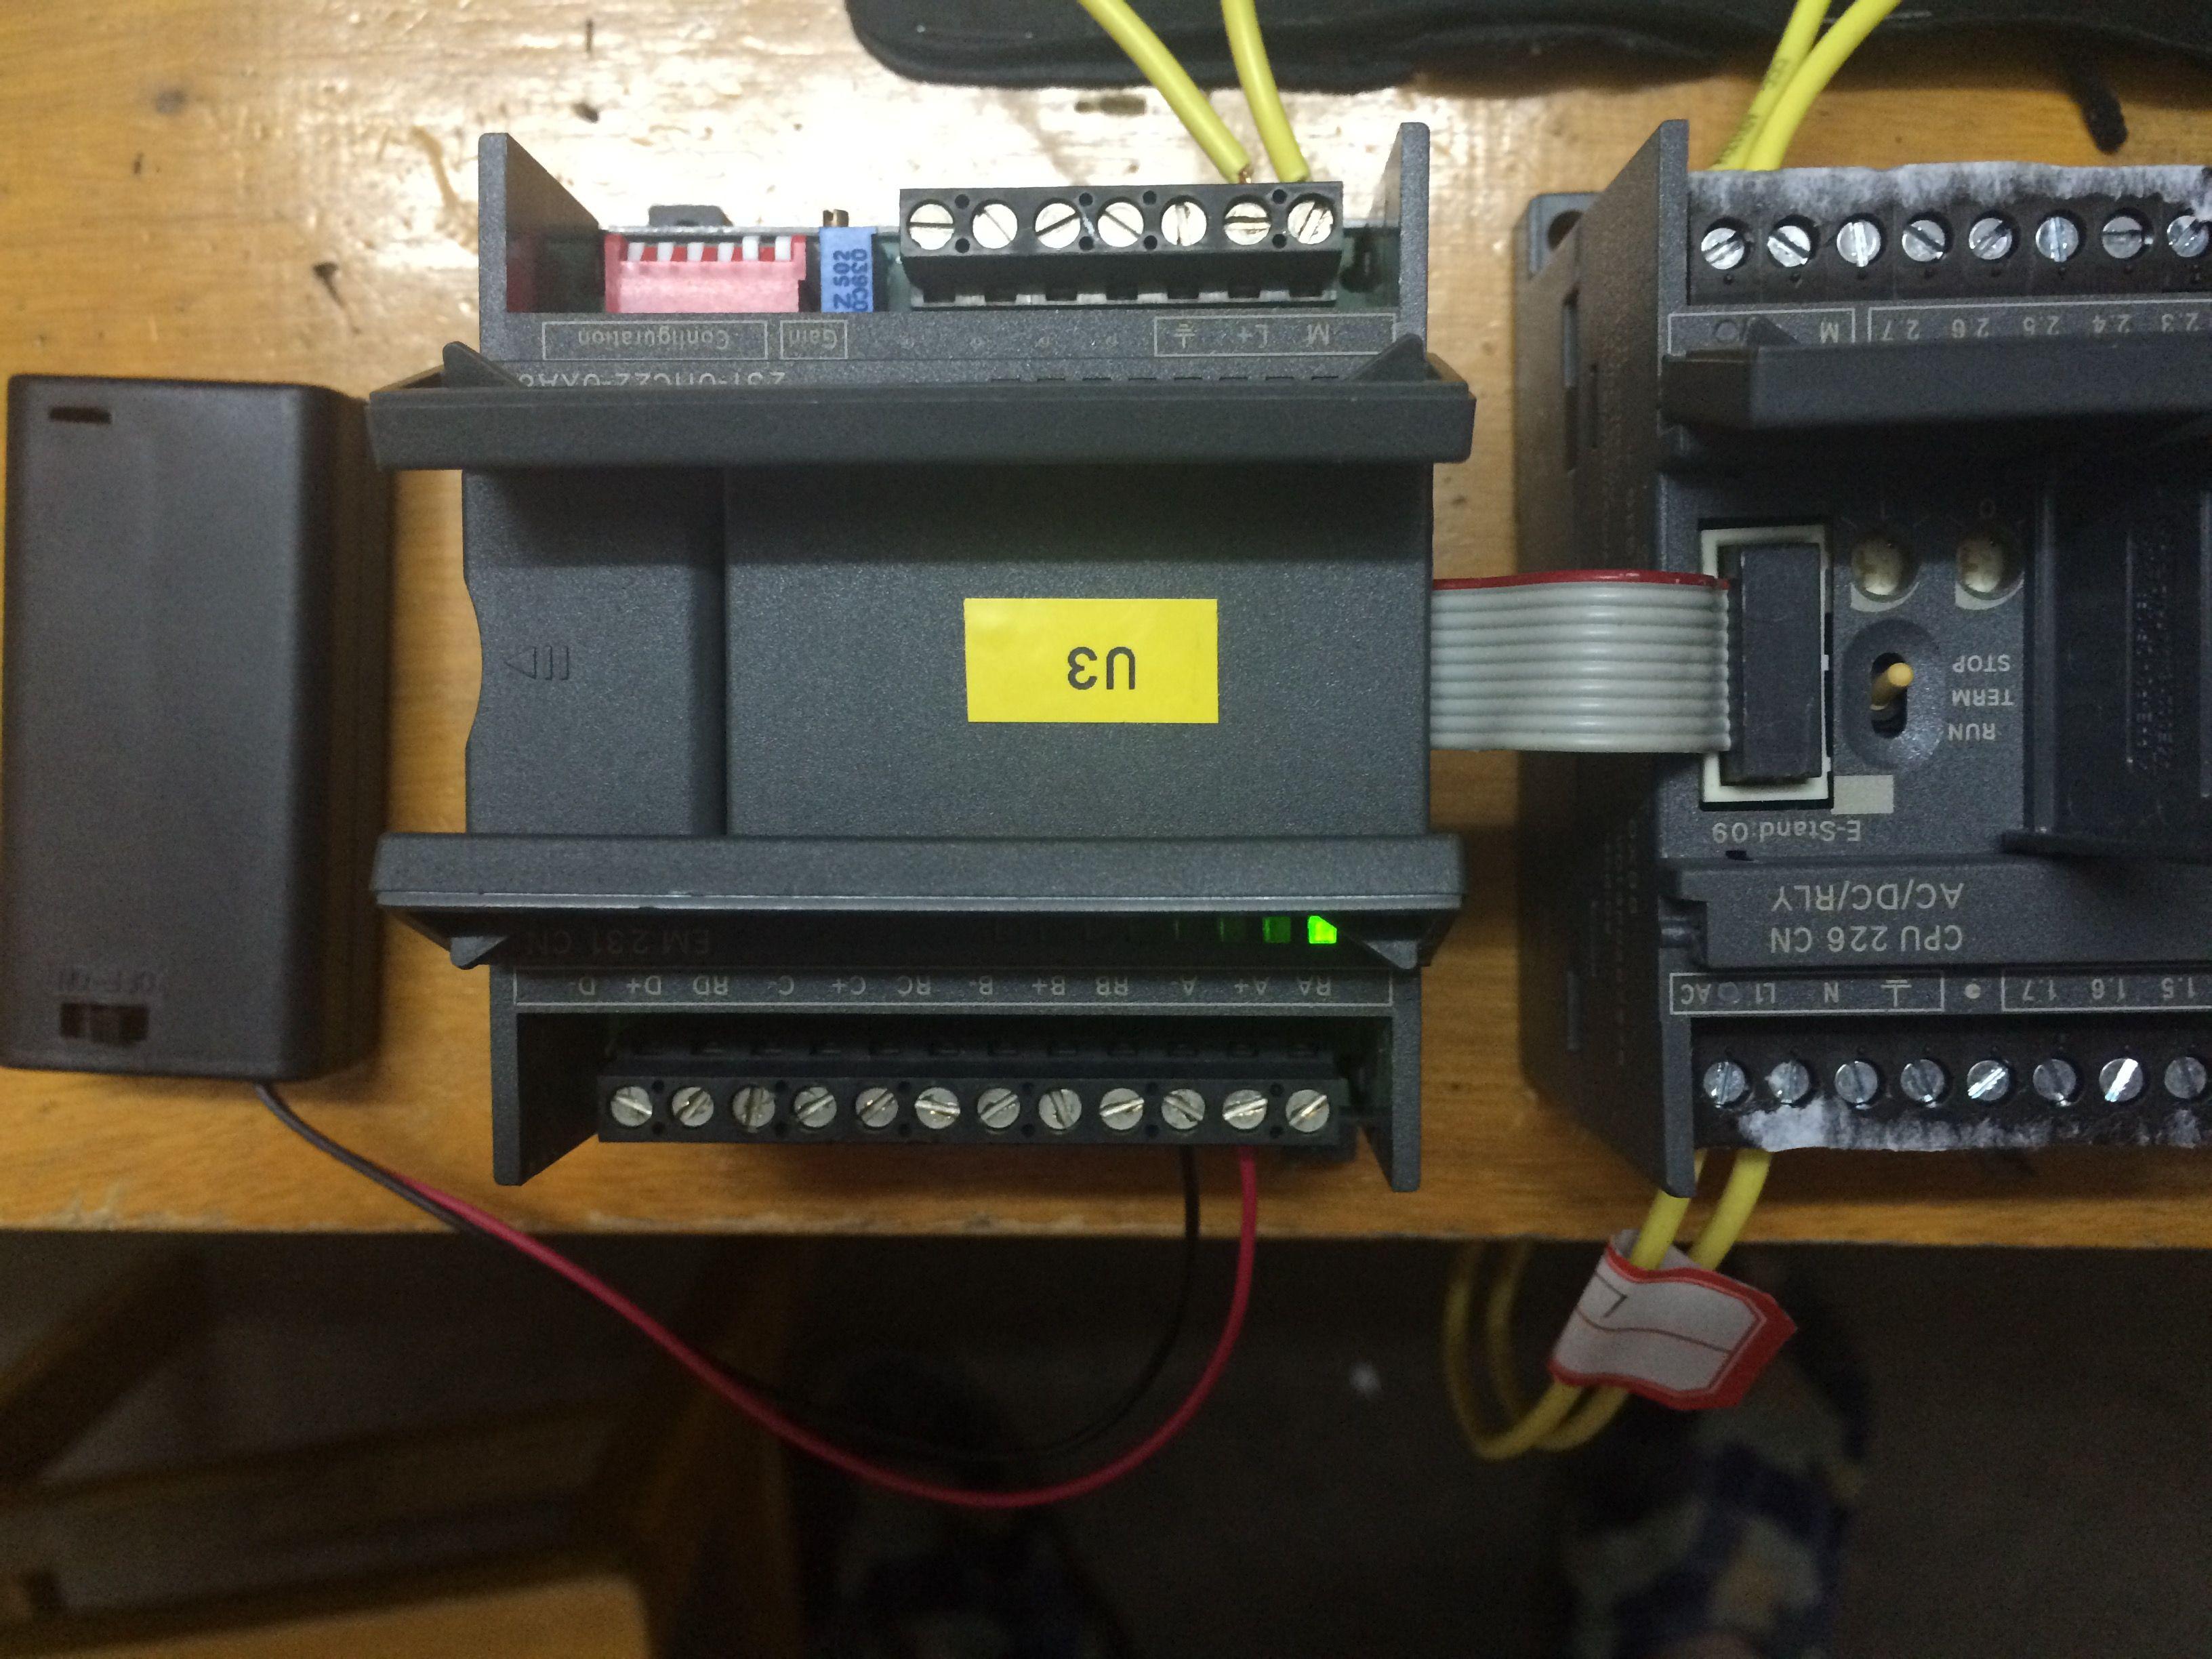 用西门子200plc和em231cn的模拟量模块测量3v左右的电池电压,怎么接线